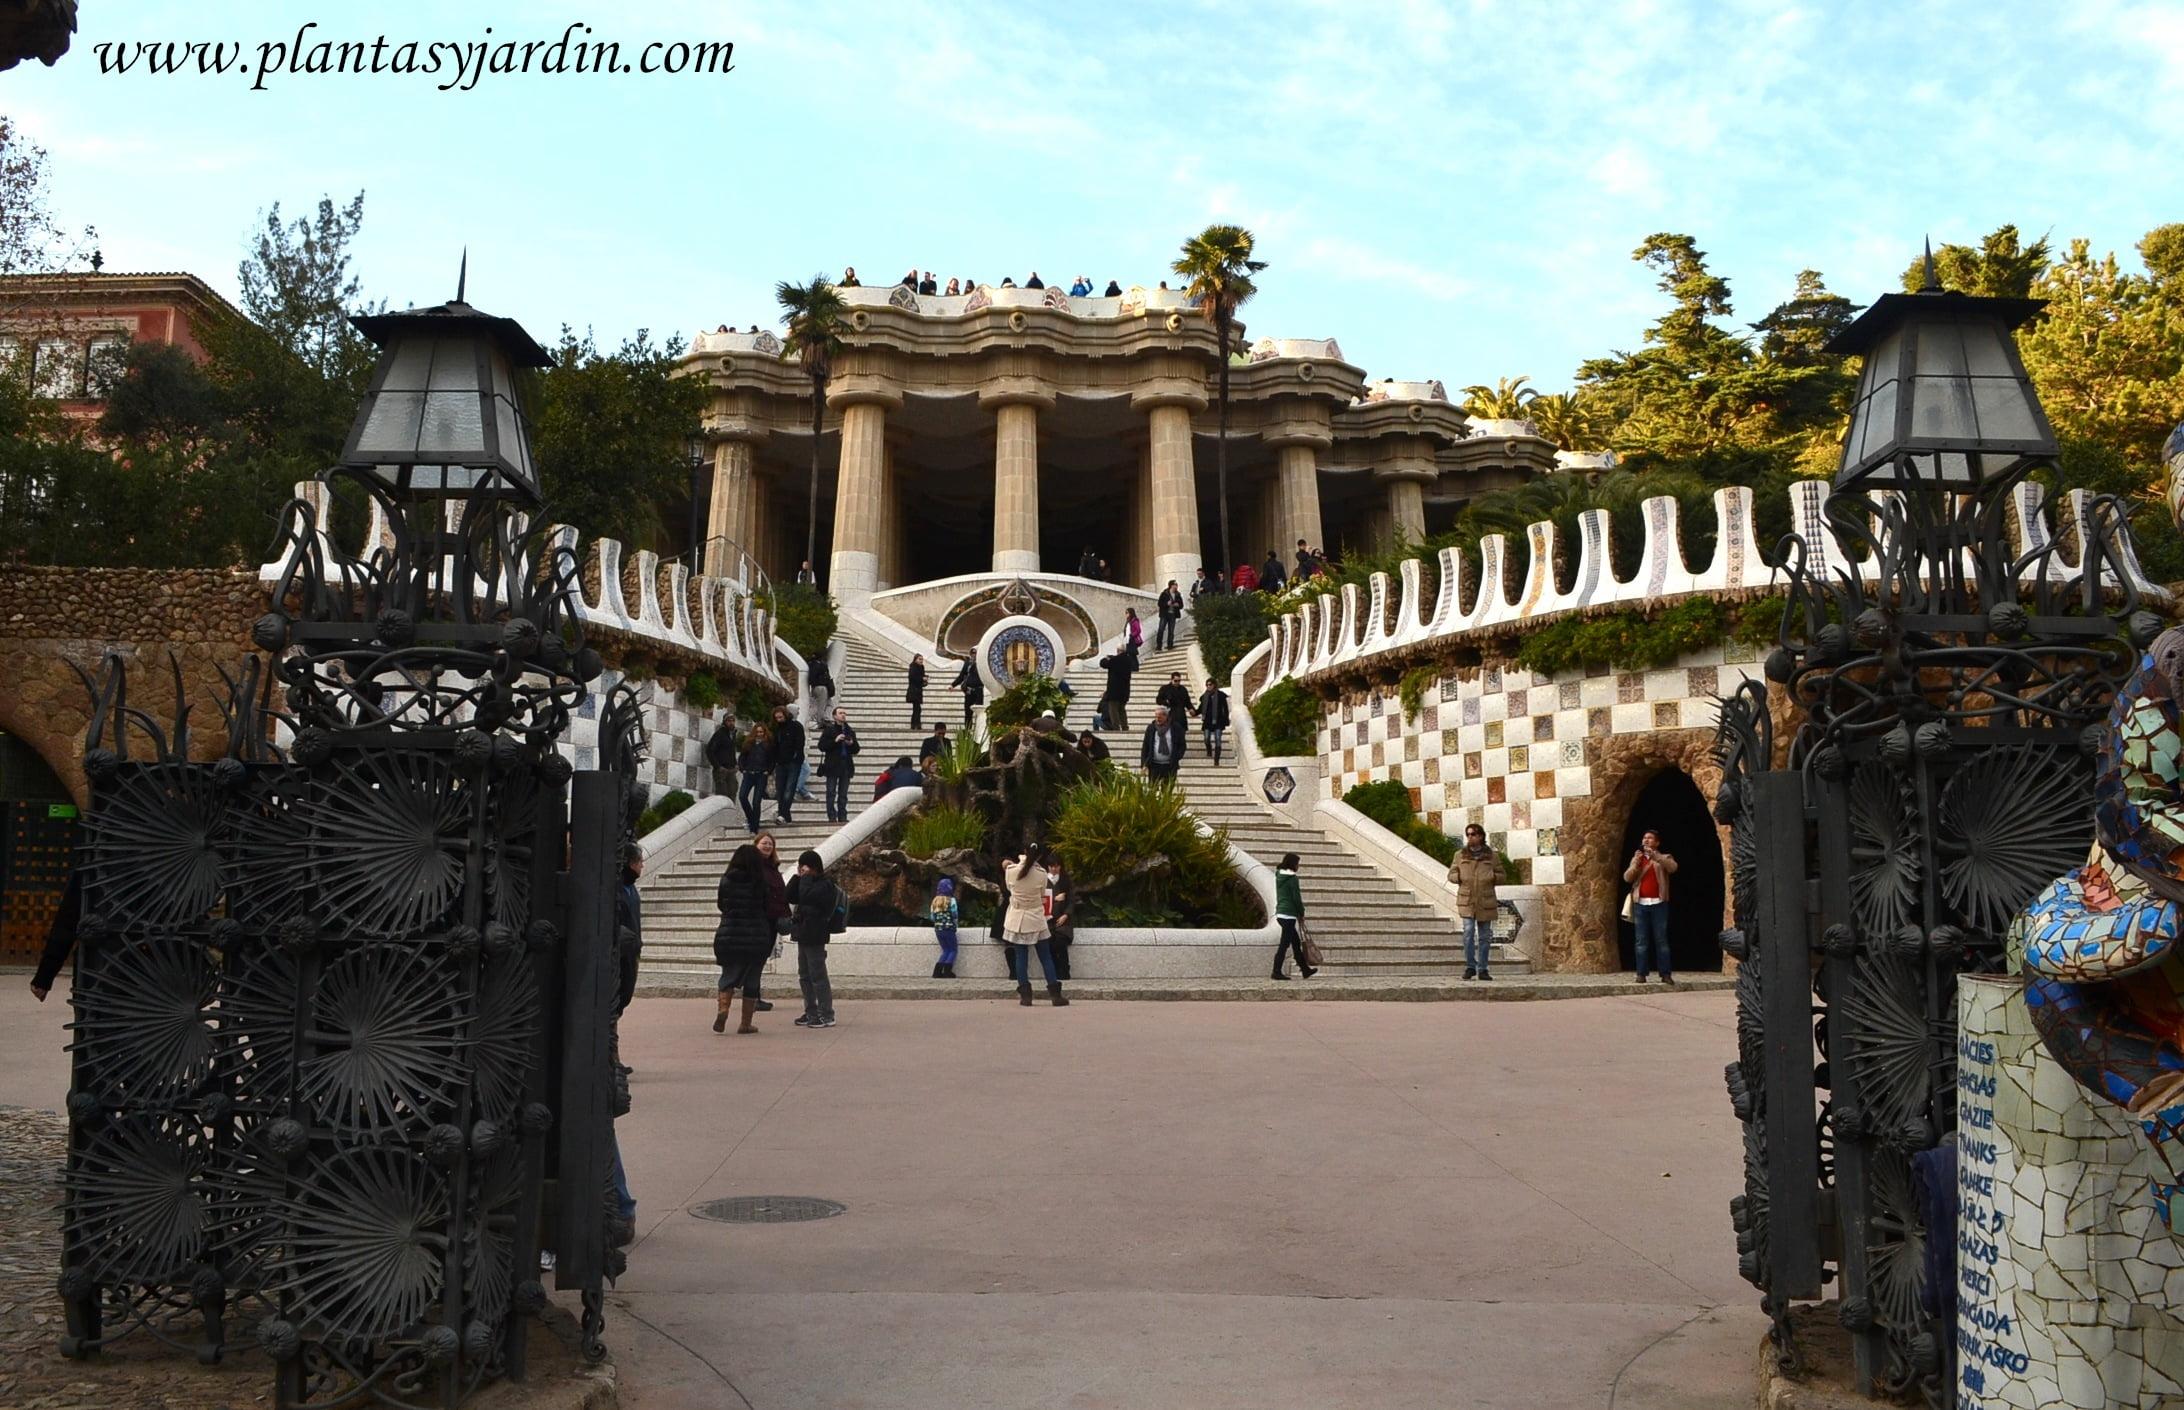 Entrada Principal al Parc Güell